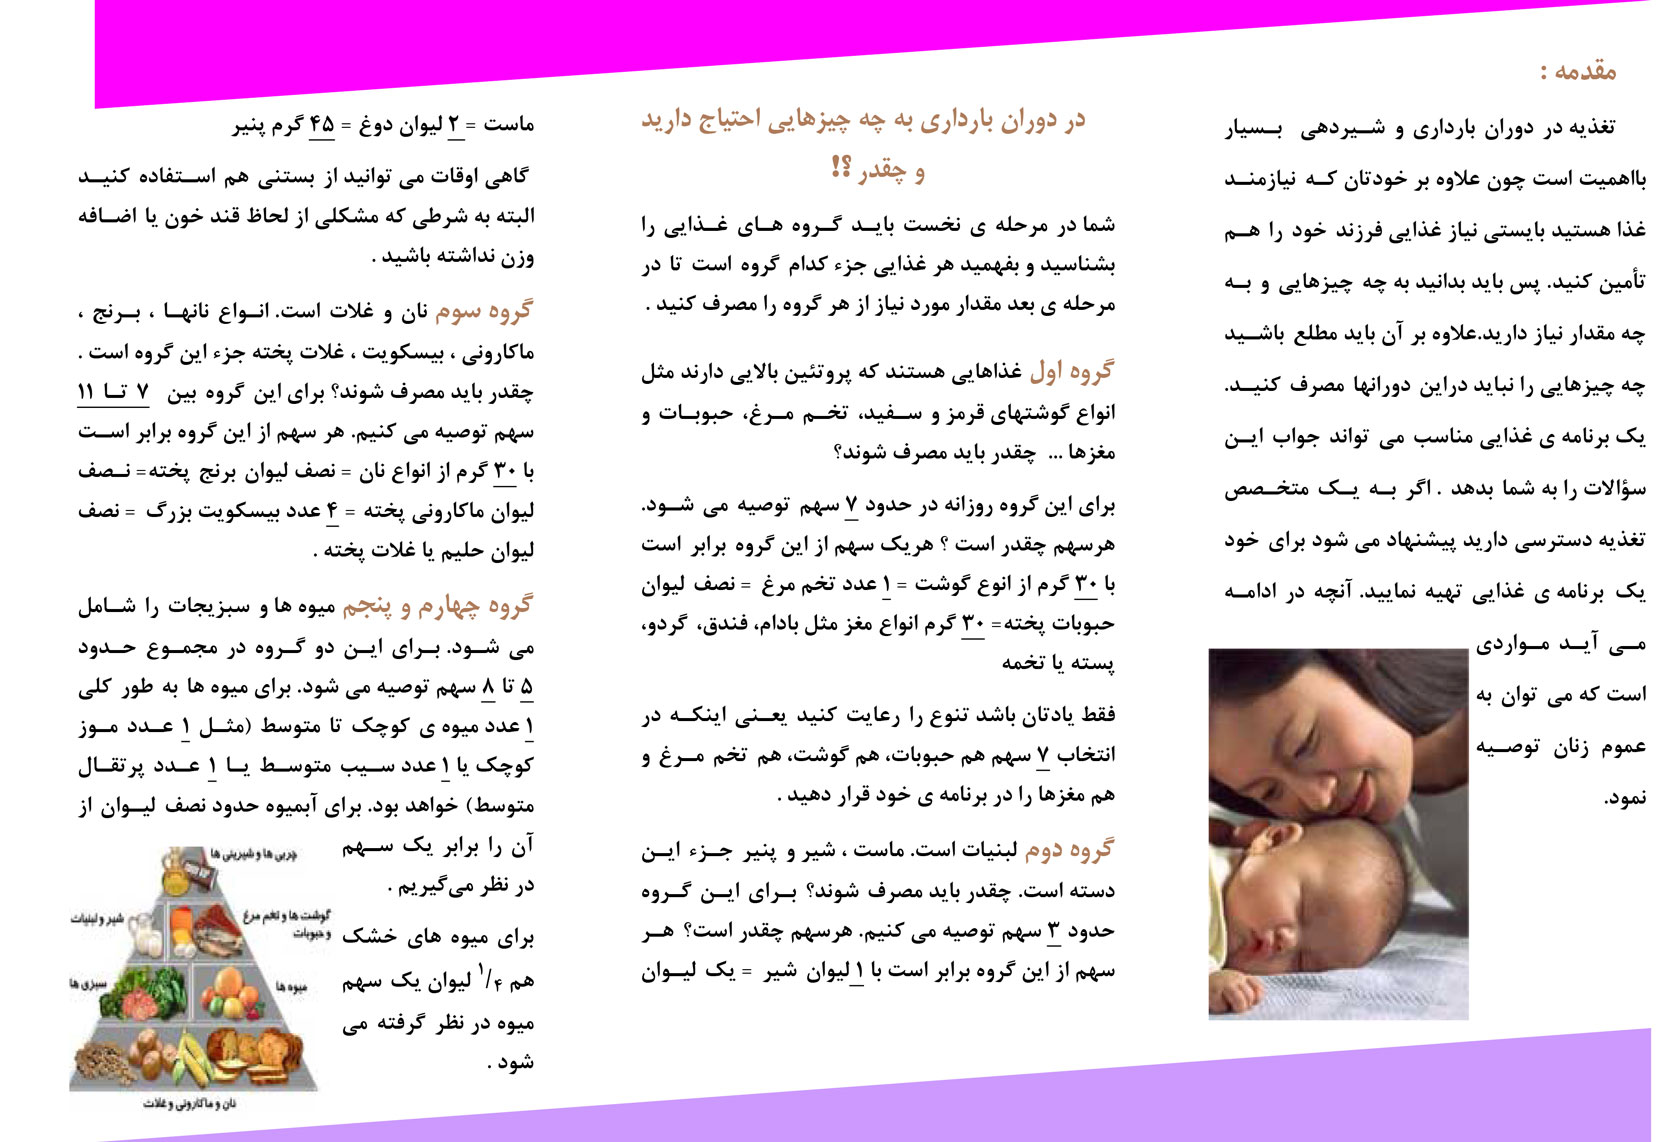 بارداری-و-شیردهی-2.2 5bd5e